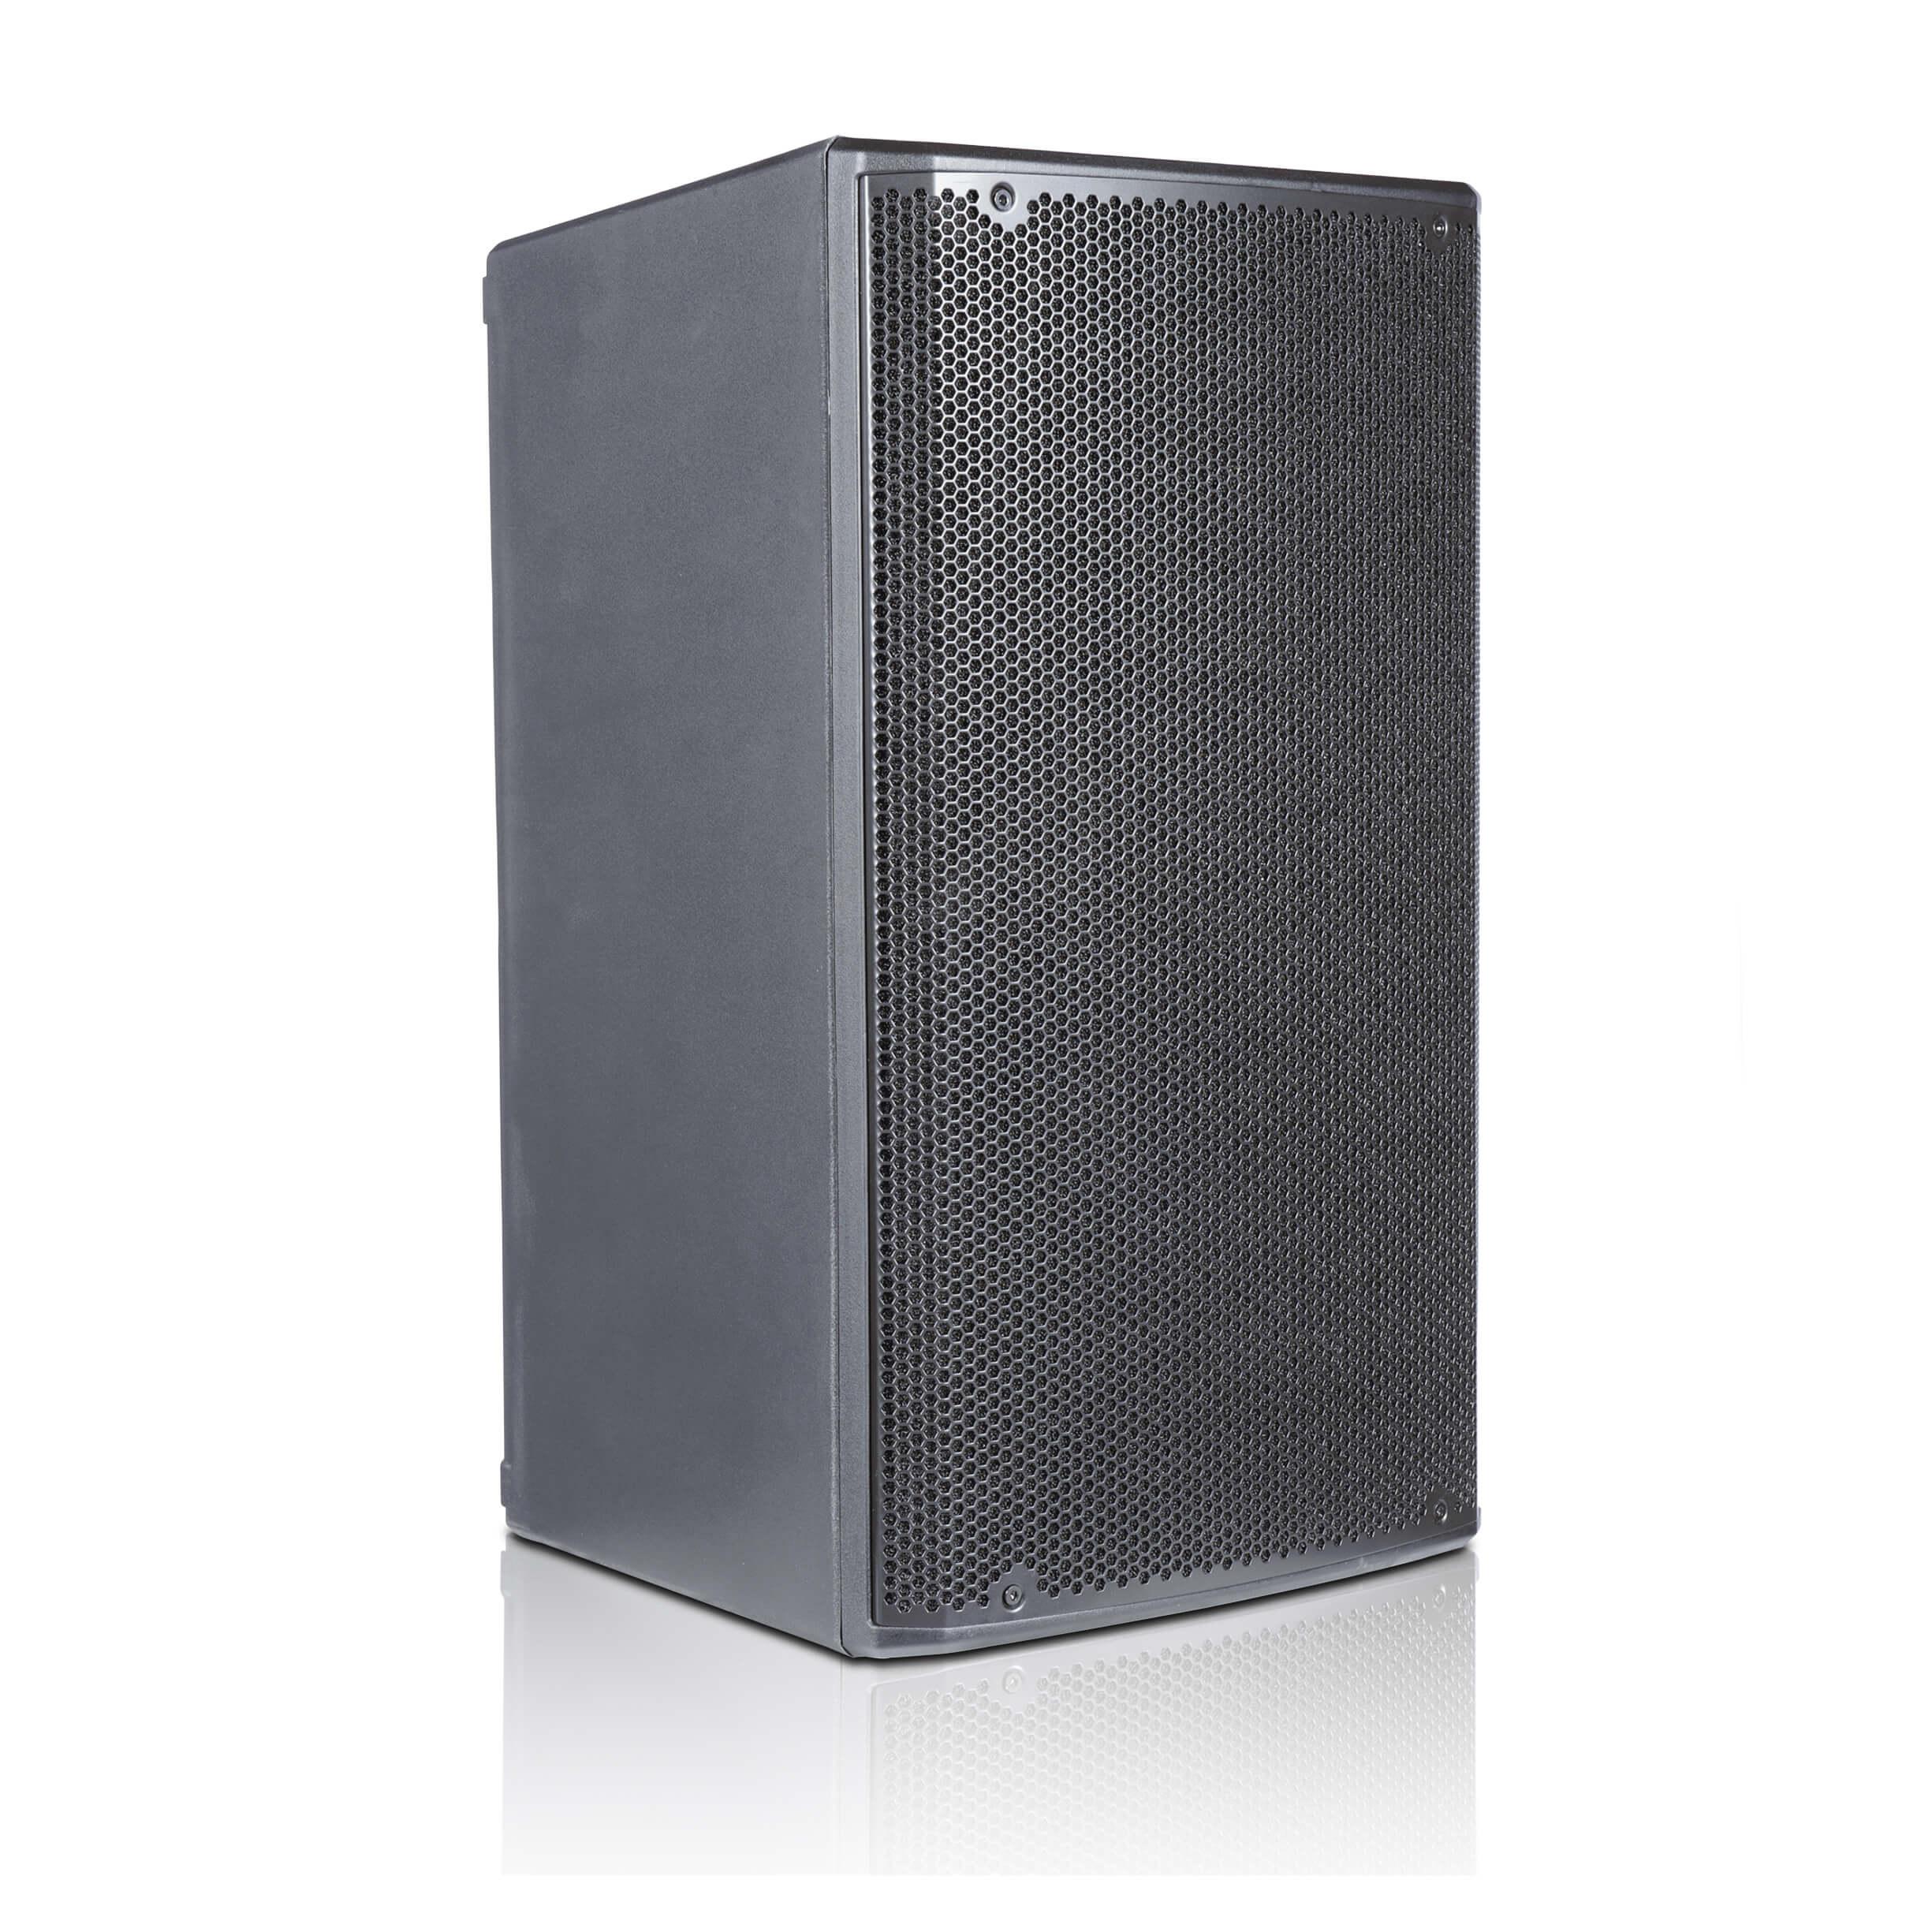 Fijaciones Pkt X 4 SOPORTES PARA Cesta Colgante de 12 pulgadas 300MM De Acero Recubierto Negro